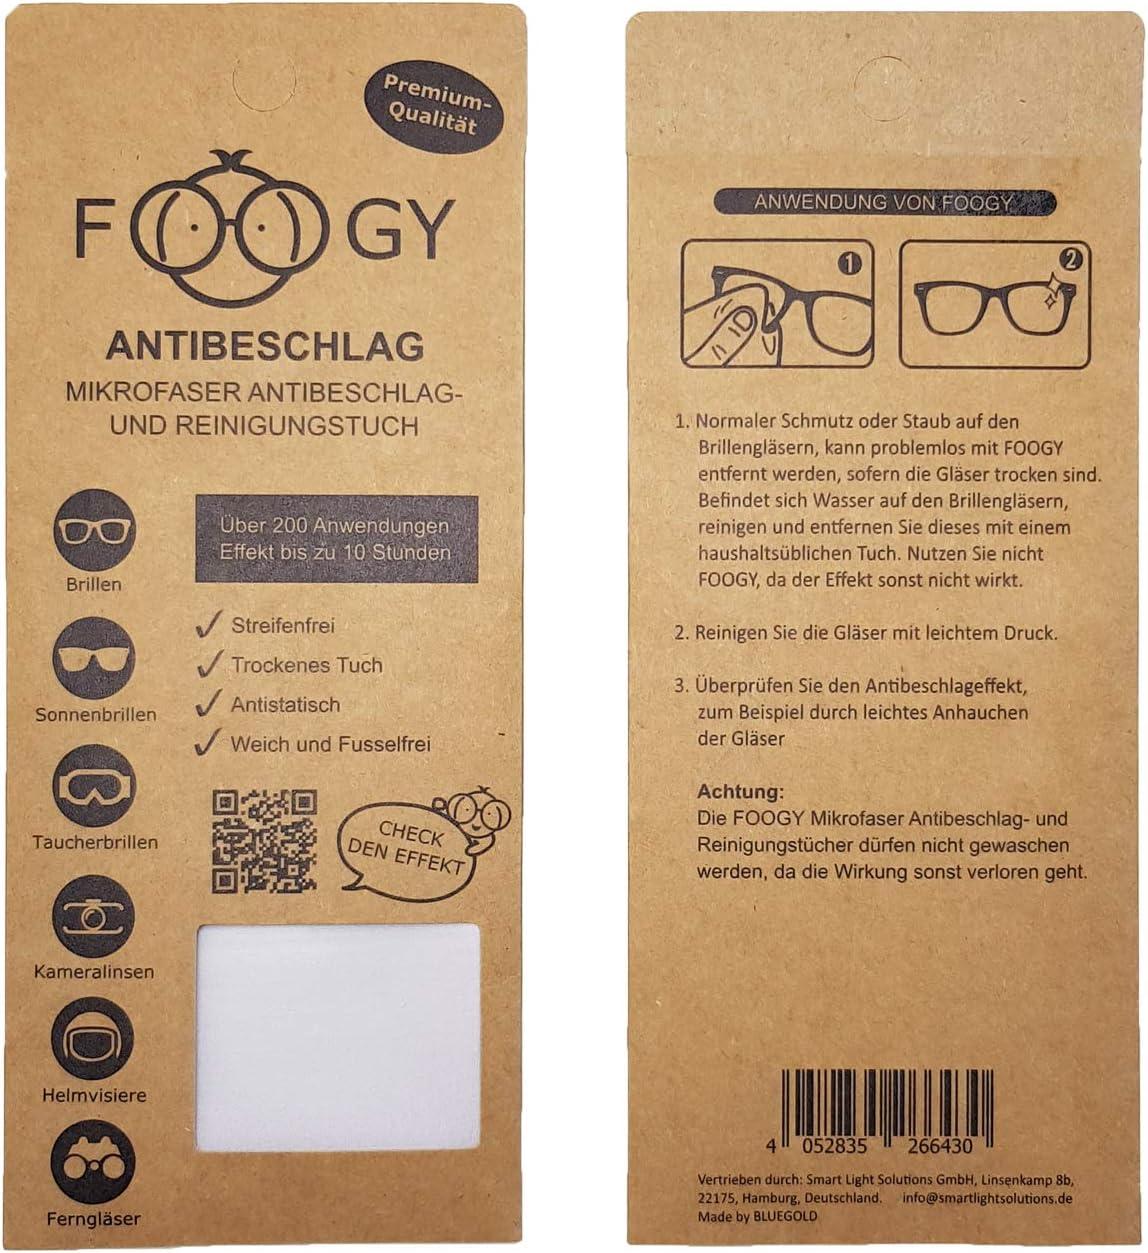 Foogy Antibeschlag Microfaser Brillentuch Trockenes Reinigungs Tuch Pfoa Frei Pfas Frei Reach Oeko Tex 100 Zertifiziert Keine Zusätzlichen Flüssigkeiten Notwendig Küche Haushalt